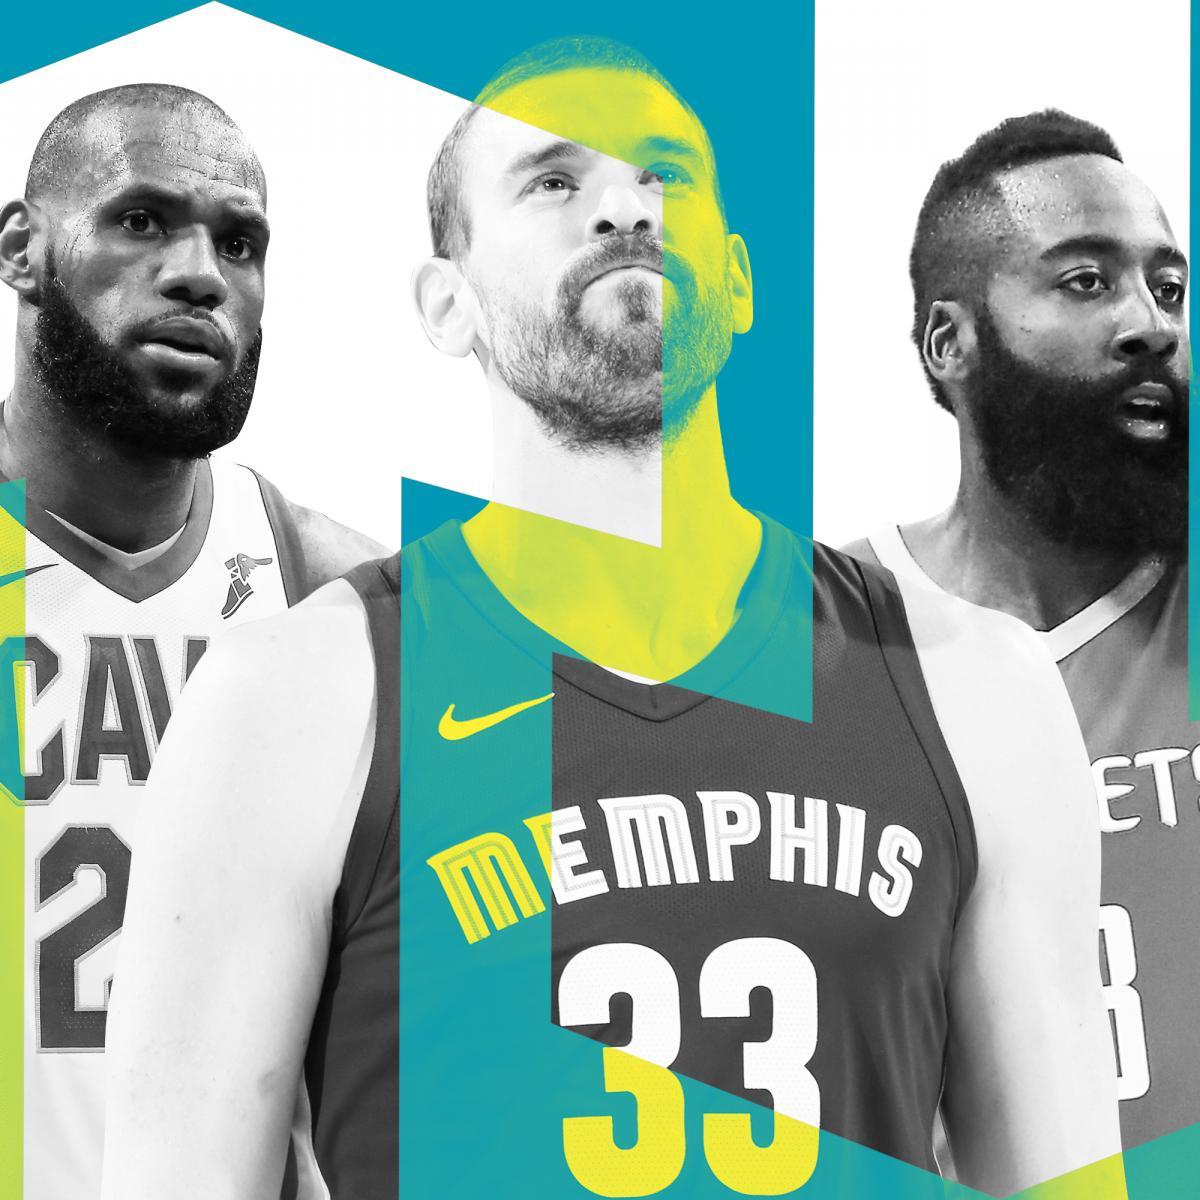 914ba5d9b2b Image for NBA Power Rankings  James Harden